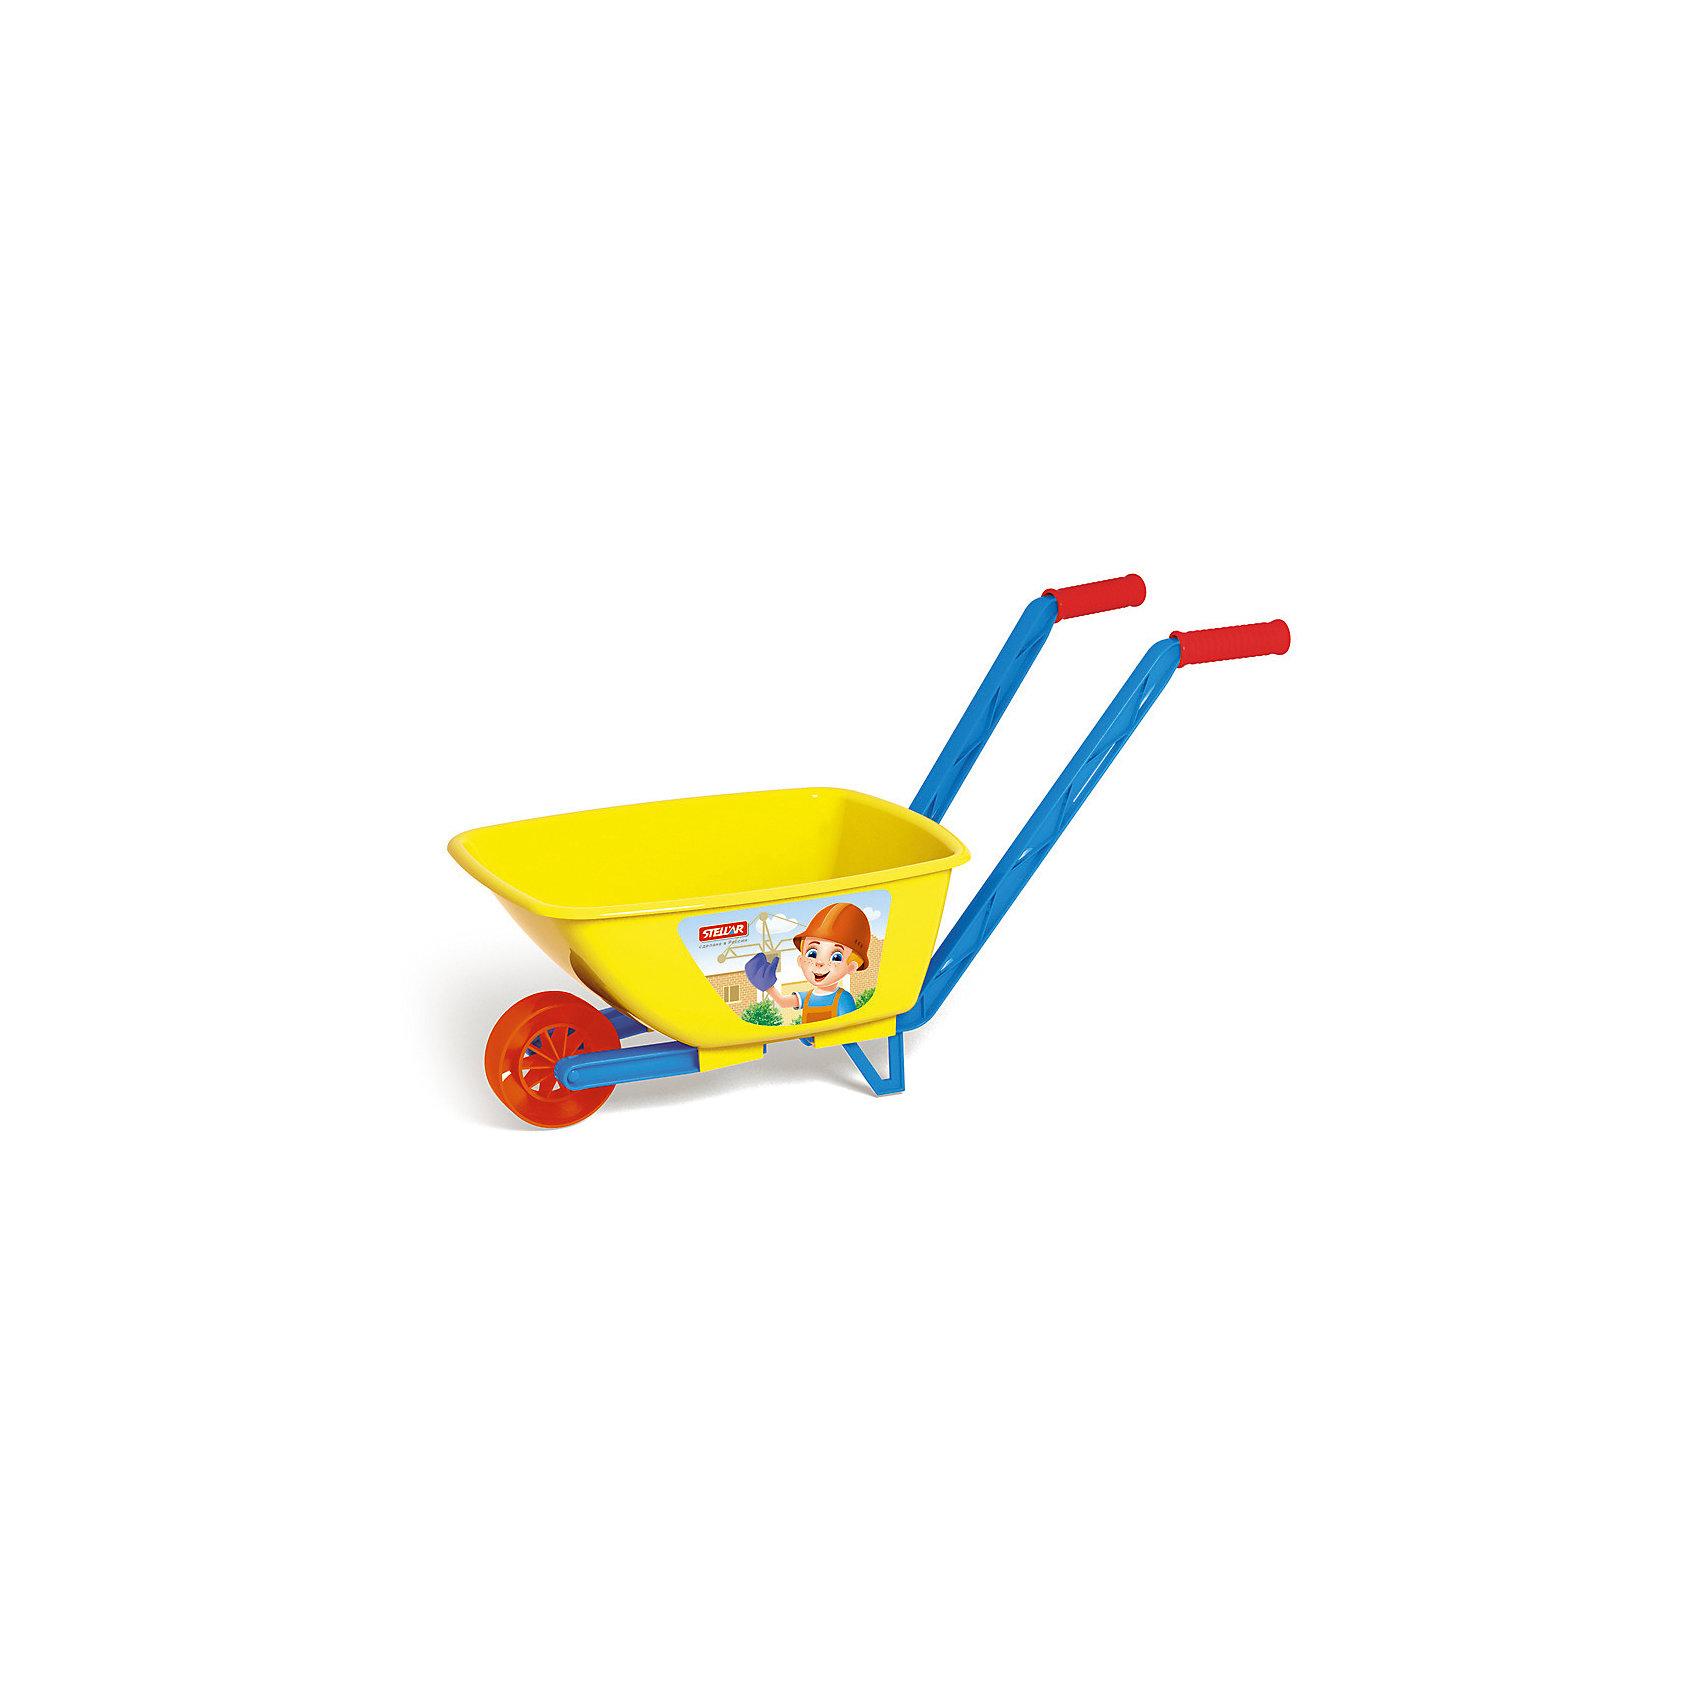 Тачка детская, СтелларС детской одноколесной тачкой «Stellar» Ваш ребенок будет с удовольствием Вам помогать на даче.<br><br>Яркая тачка сделает уборку листьев в саду или во дворе интересной и полезной игрой для малышей. Тачка оснащена двумя удобными ручками.<br><br>Дополнительная информация:<br><br>- Материал: полипропилен.<br>- Вид упаковки: сетка.<br>- Цвета: красный, желтый.<br>- Размер упаковки: 60х27х34 см<br>- Размер тачки: 34 см х 21 см х 24 см.<br>- Длина ручки: 46 см<br><br>ВНИМАНИЕ! Данный артикул имеется в наличии в разных цветовых исполнениях. К сожалению, заранее выбрать определенный цвет невозможно. При заказе нескольких позиций возможно получение одинаковых.<br><br>Тачку детскую, Стеллар можно купить в нашем магазине.<br><br>Ширина мм: 600<br>Глубина мм: 270<br>Высота мм: 340<br>Вес г: 620<br>Возраст от месяцев: 36<br>Возраст до месяцев: 72<br>Пол: Унисекс<br>Возраст: Детский<br>SKU: 3167088